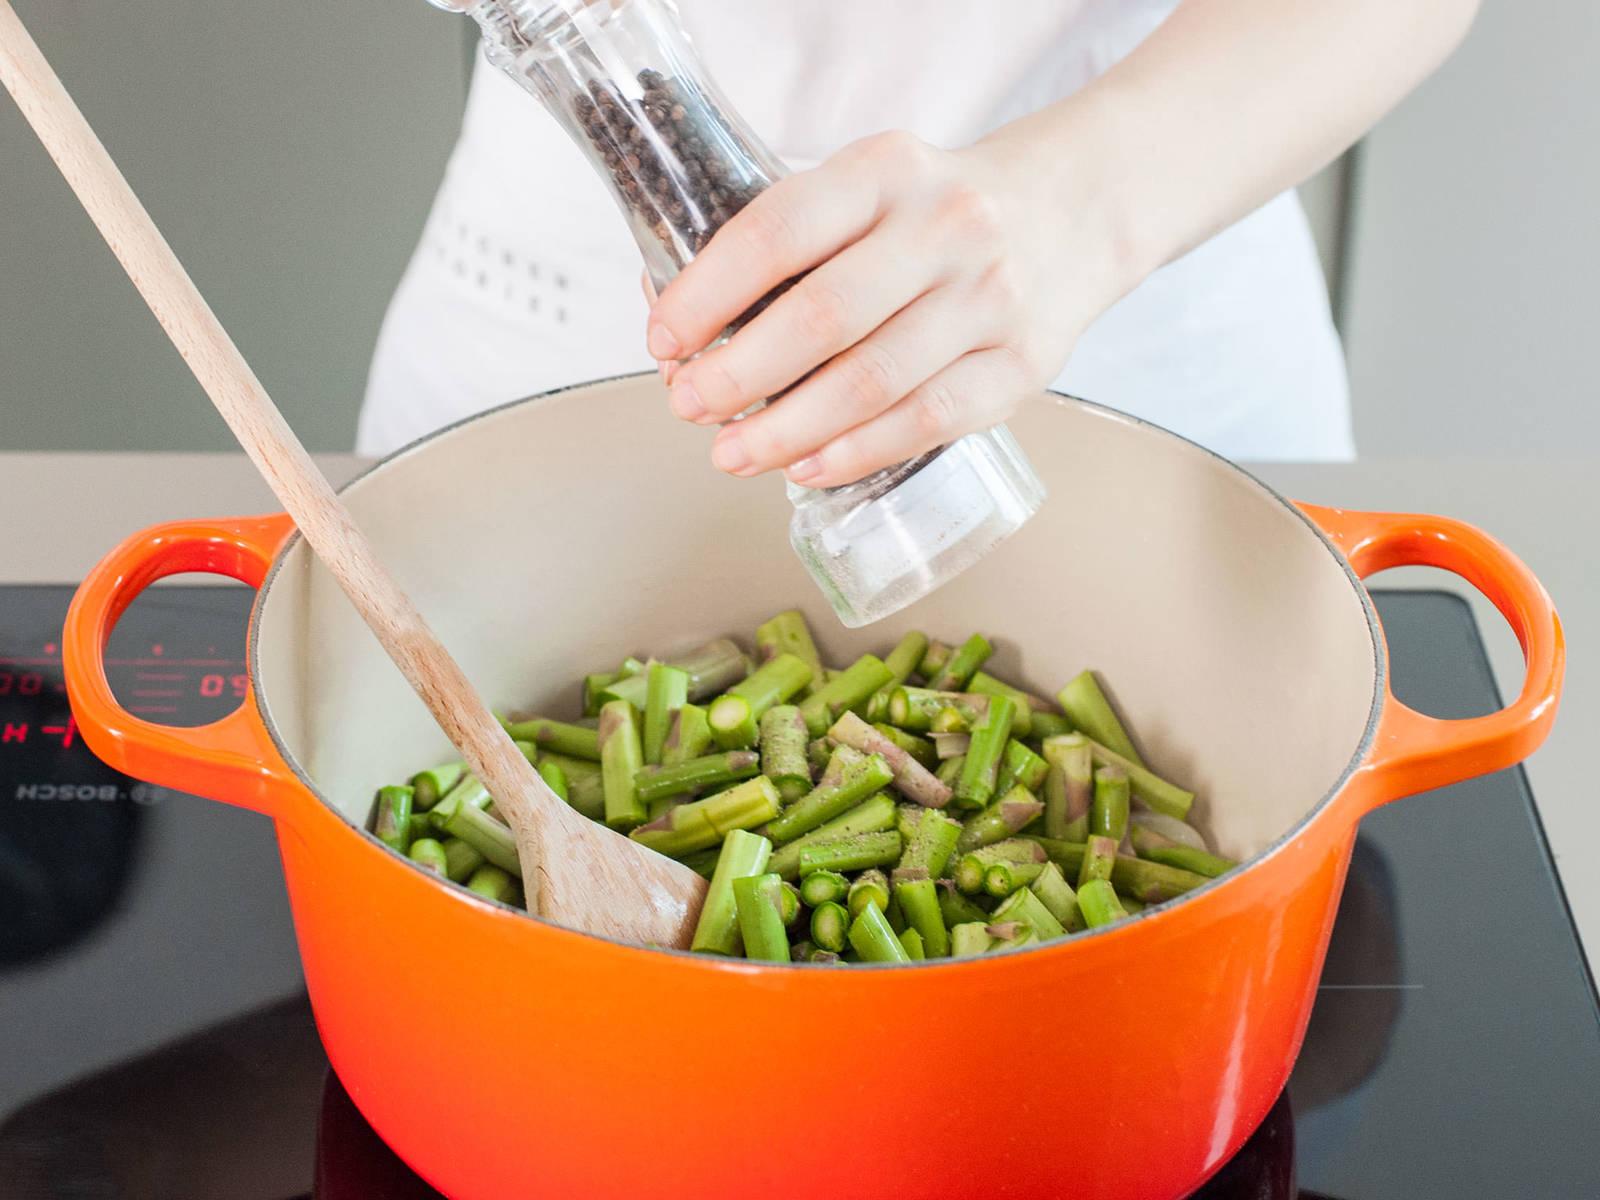 放入芦笋茎,一撮盐和些许黑胡椒碎,不时翻炒,约持续5分钟。